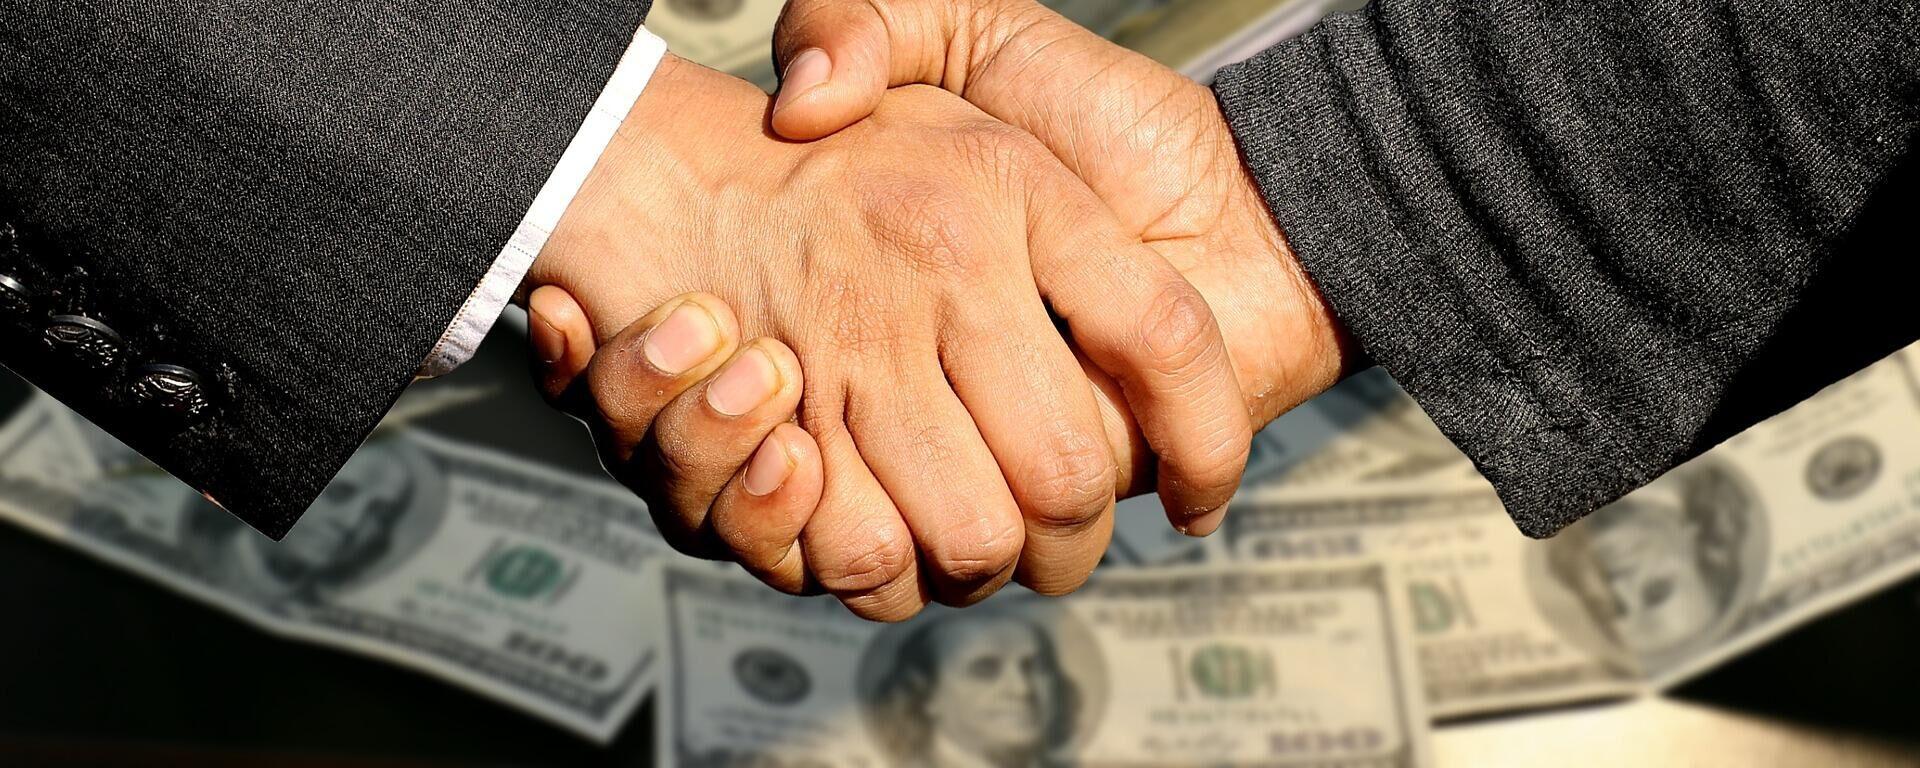 Бизнесмены пожимают друг другу руки - Sputnik Узбекистан, 1920, 15.09.2021